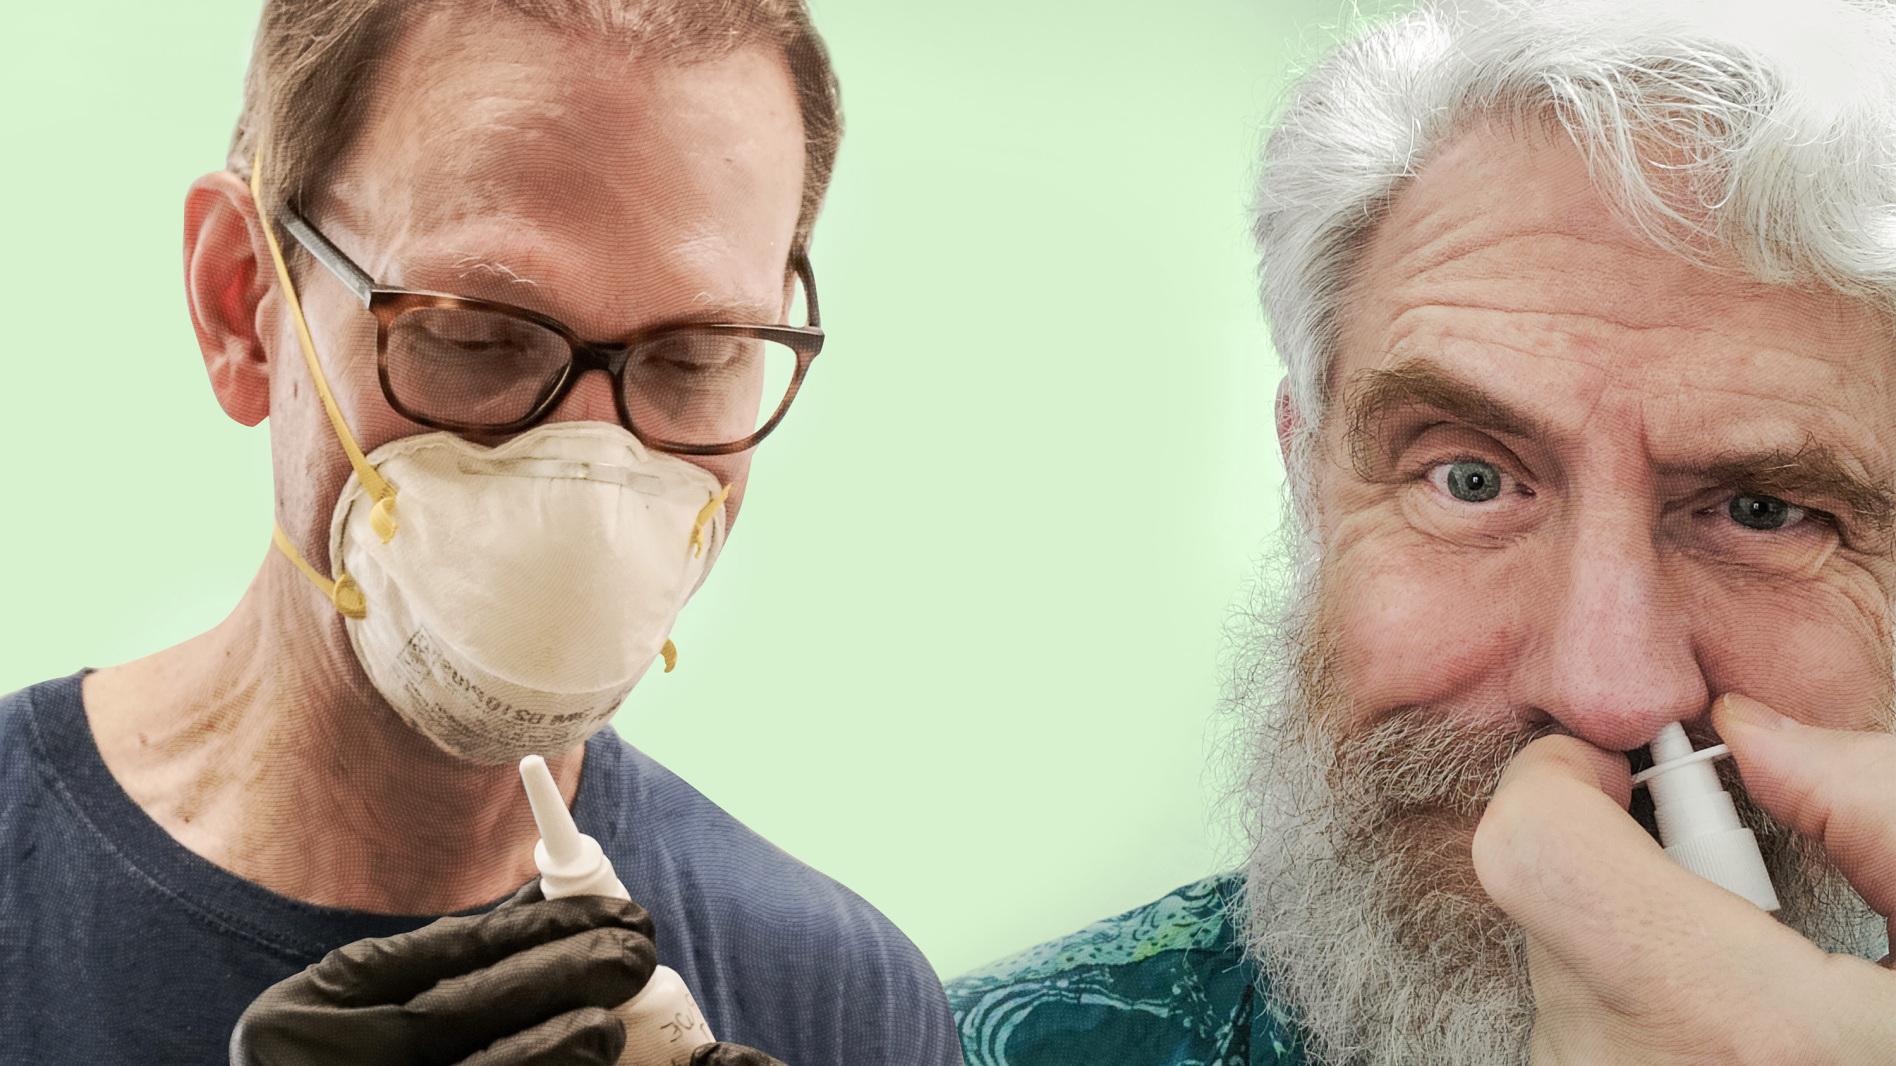 科学者が体を張ってコロナワクチンの実験